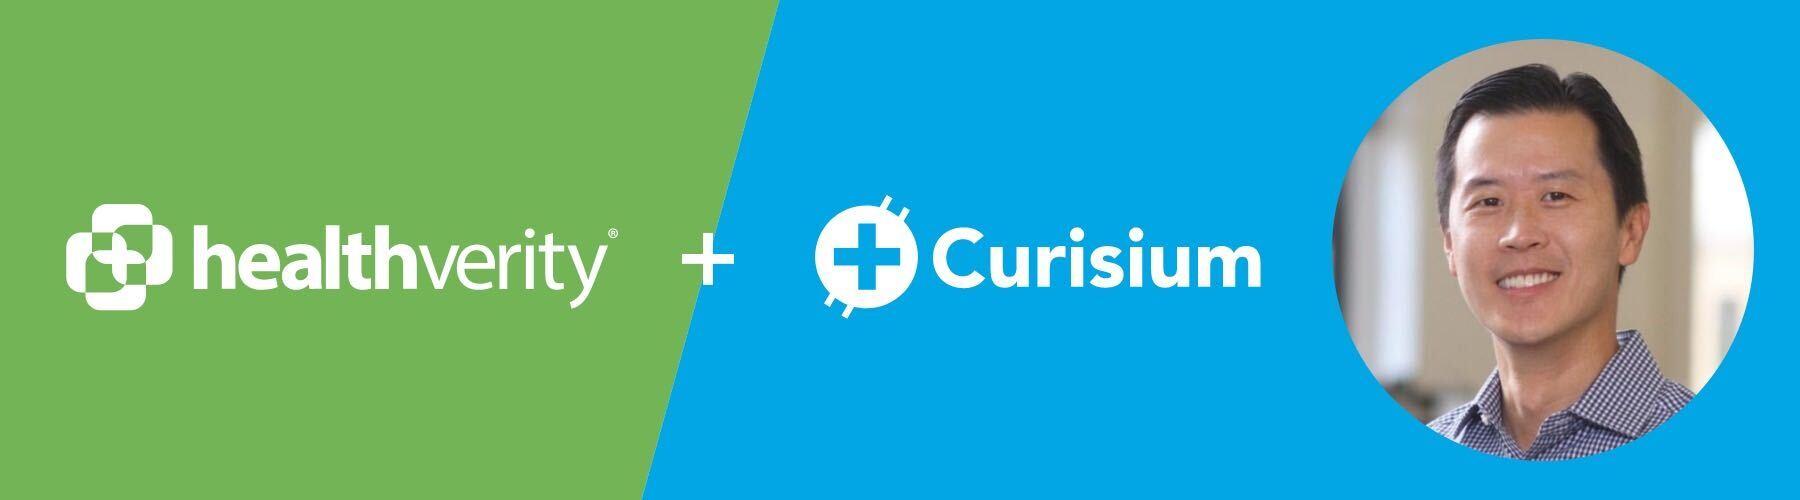 HealthVerity acquires Curisium